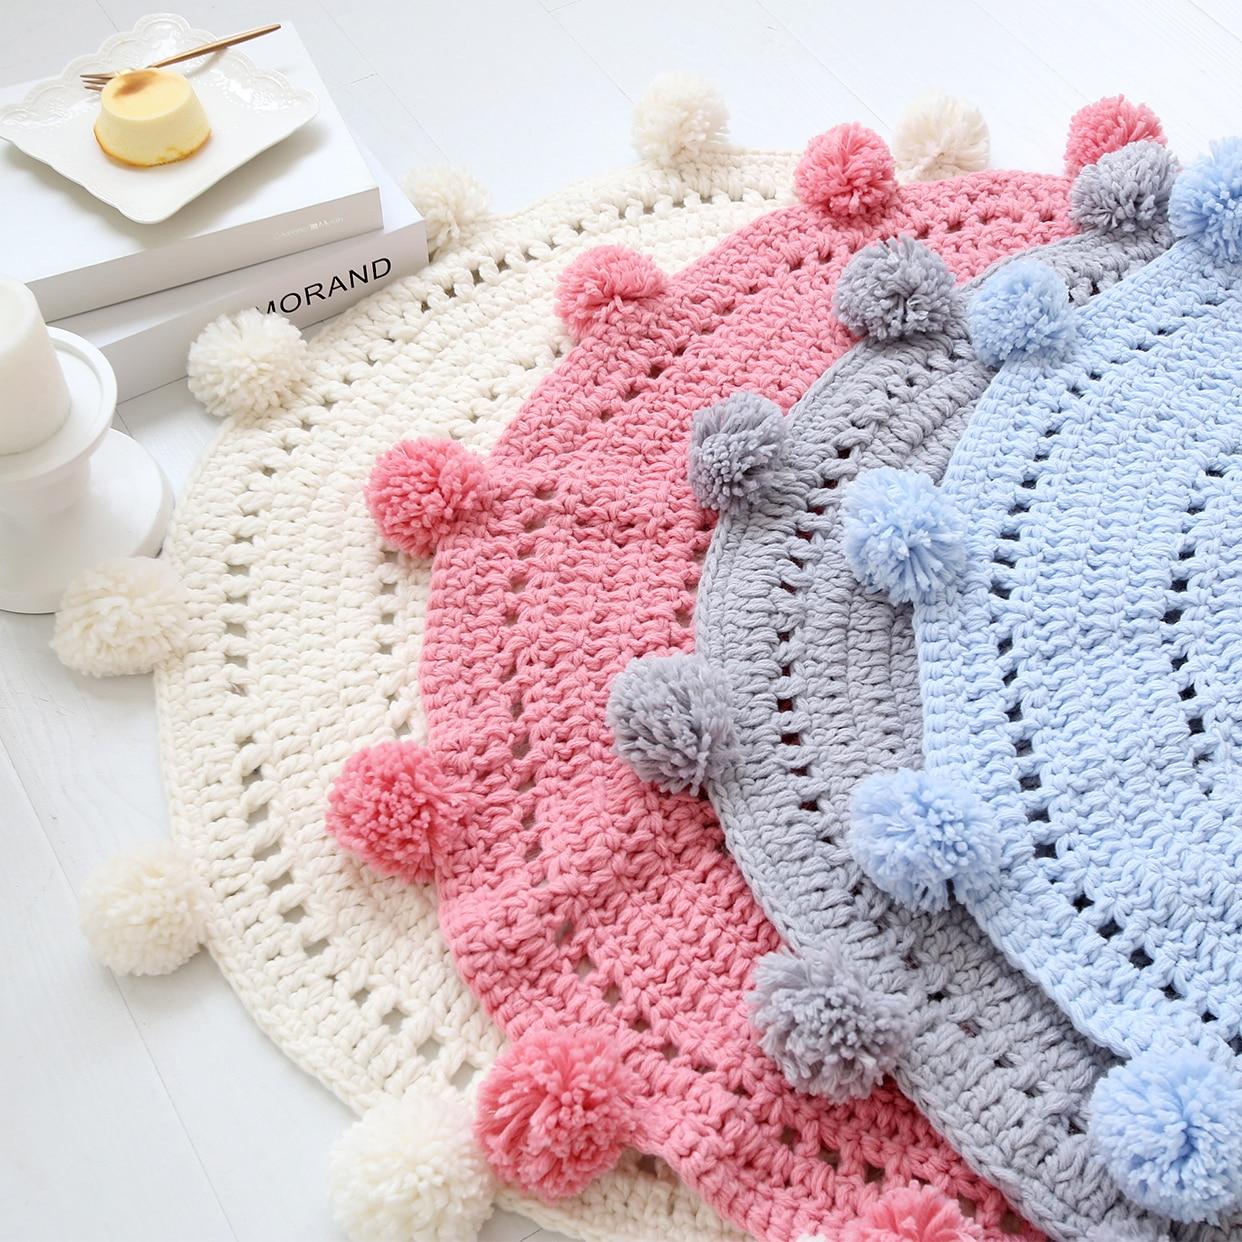 Cartoon Hand Woven Carpet Mat European Round Mats Bedroom Decor Kids Play Rug Knitted Sleep